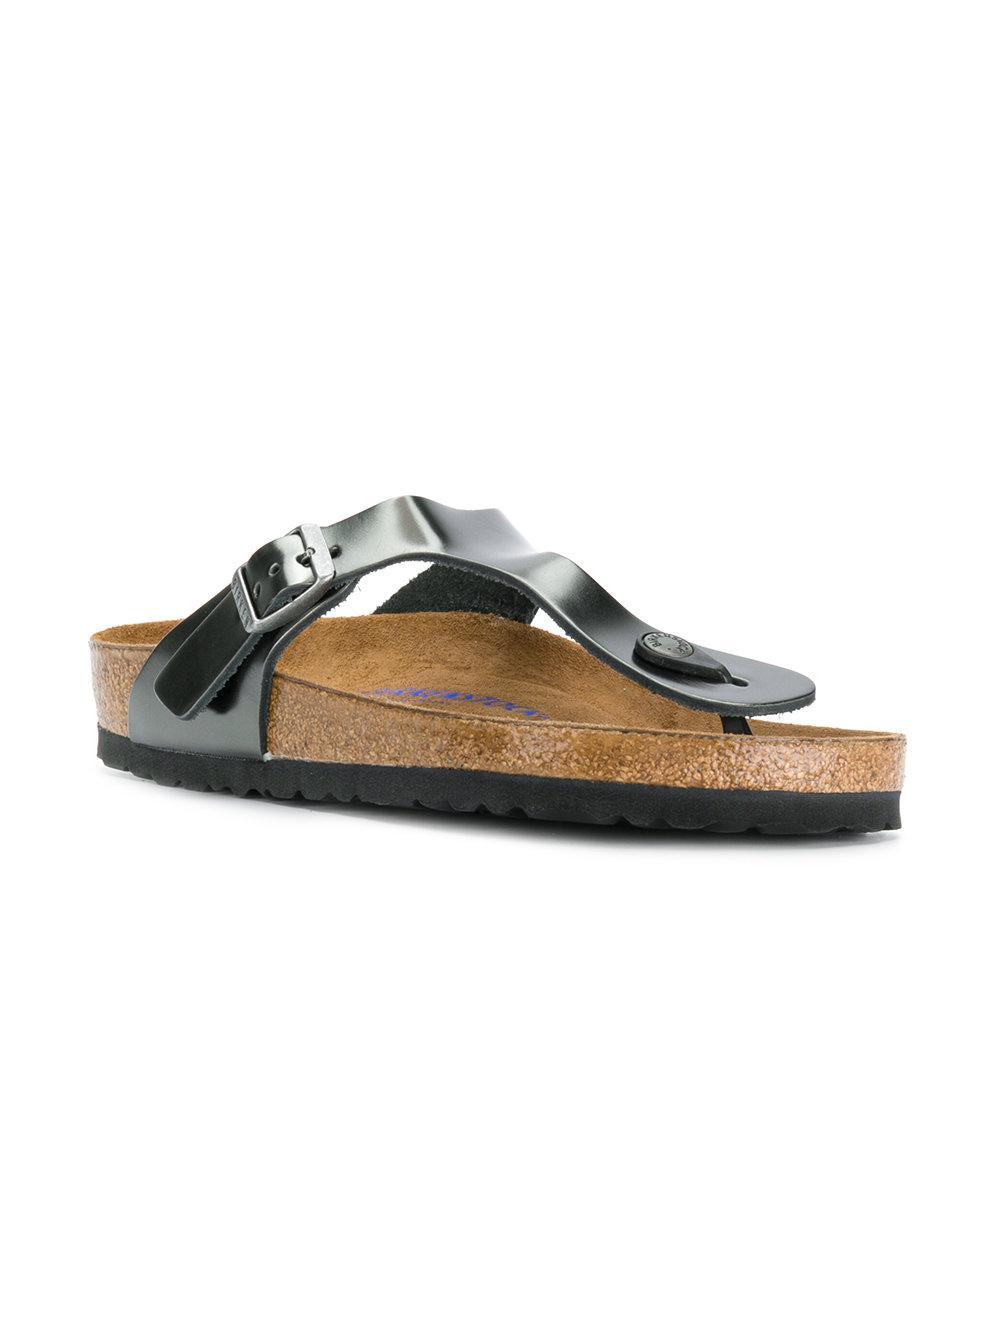 rm7LUbPQy4 Buckle detail sandals b0tOHbpwAh